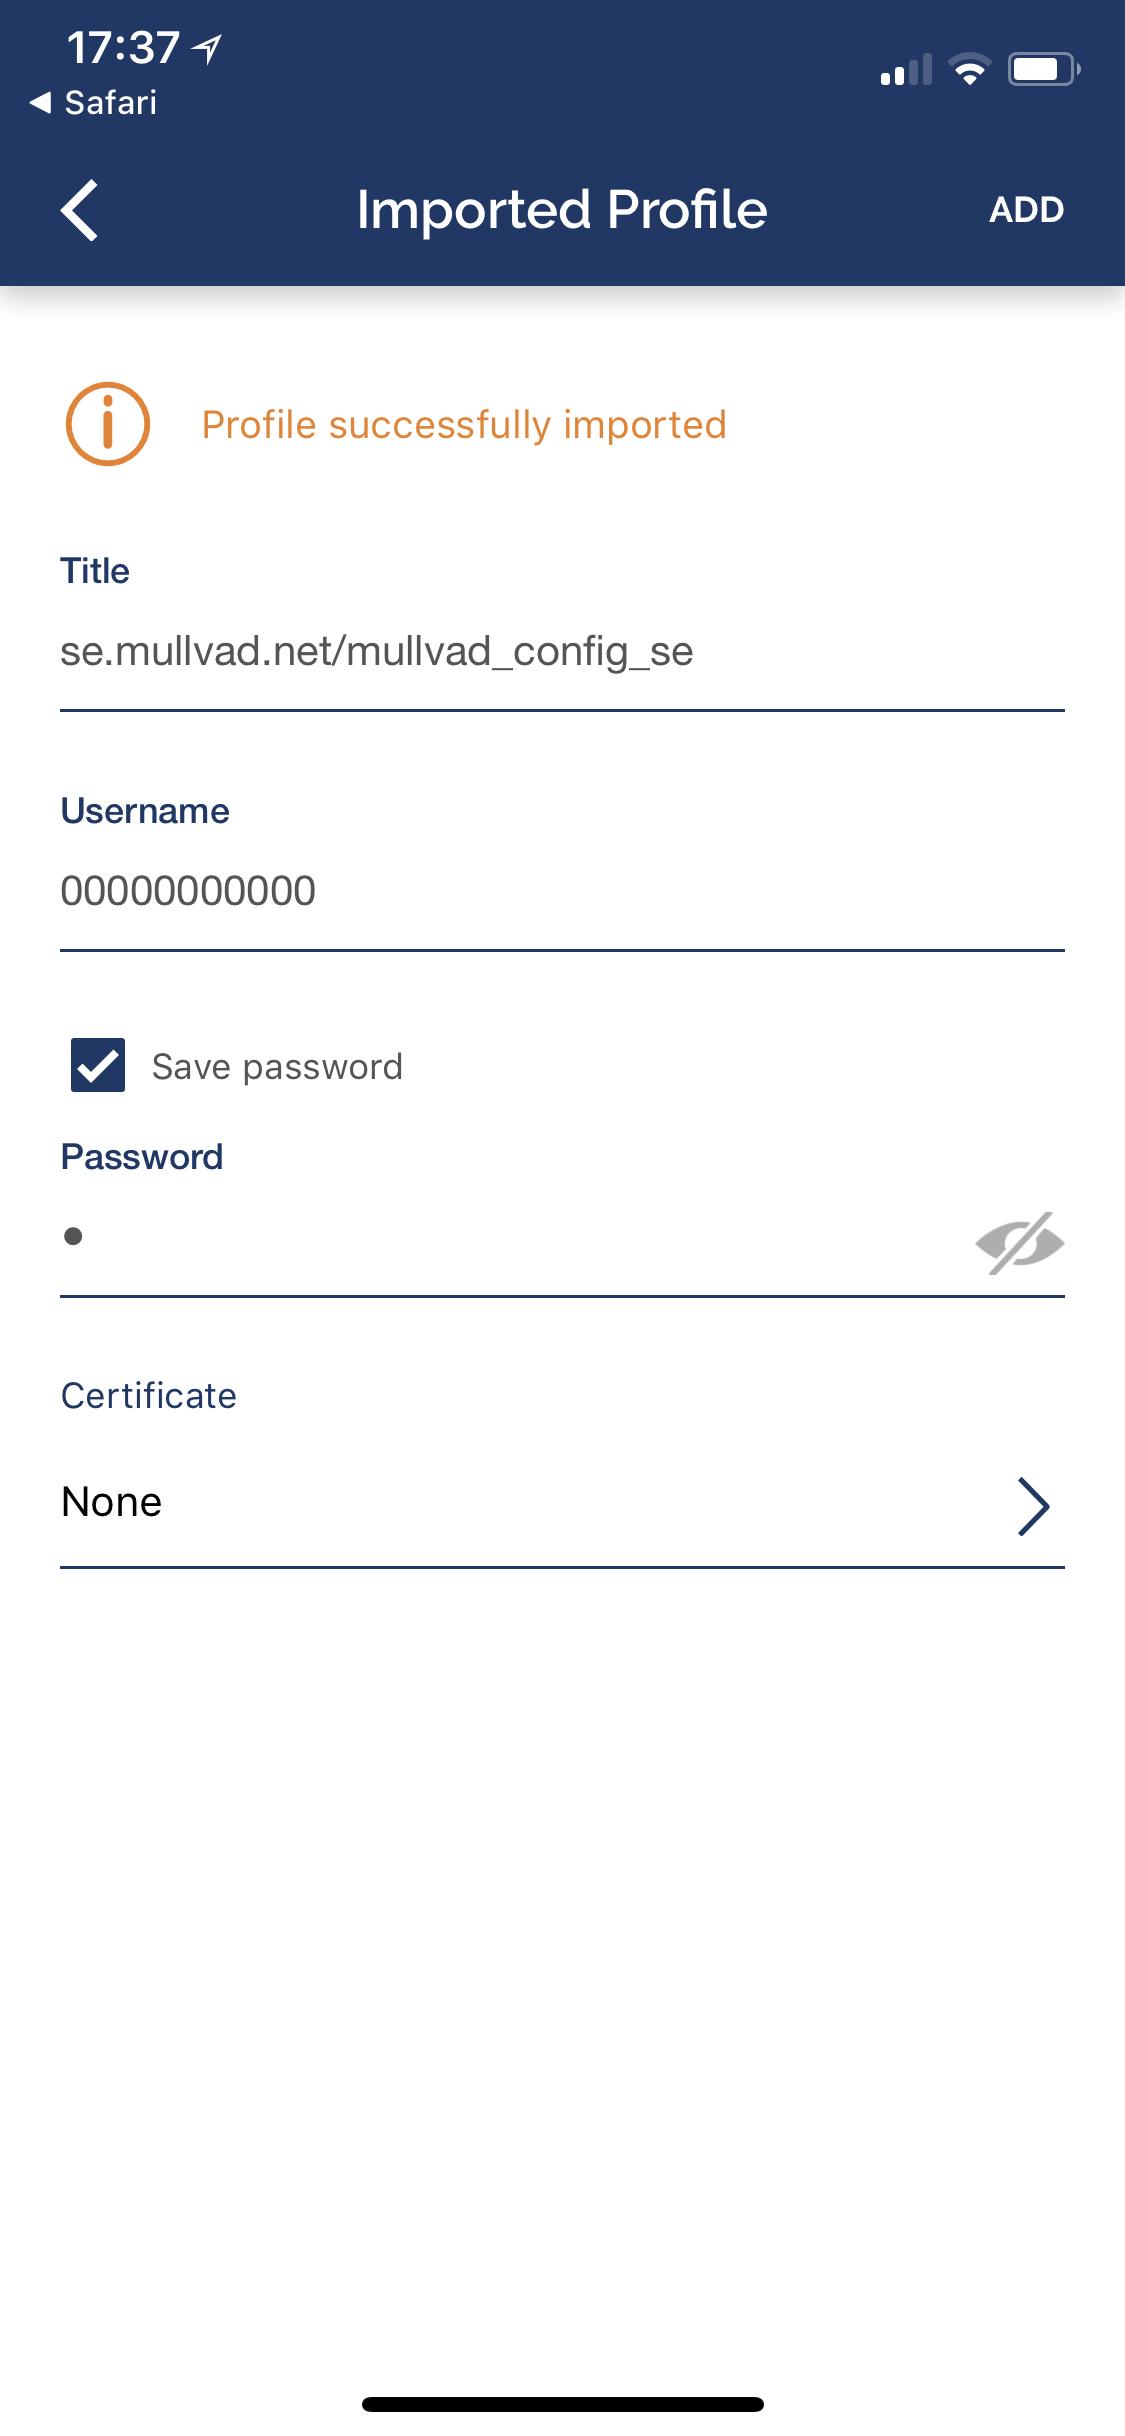 Mullvad on iOS (iPhone, iPad) - Guides | Mullvad VPN